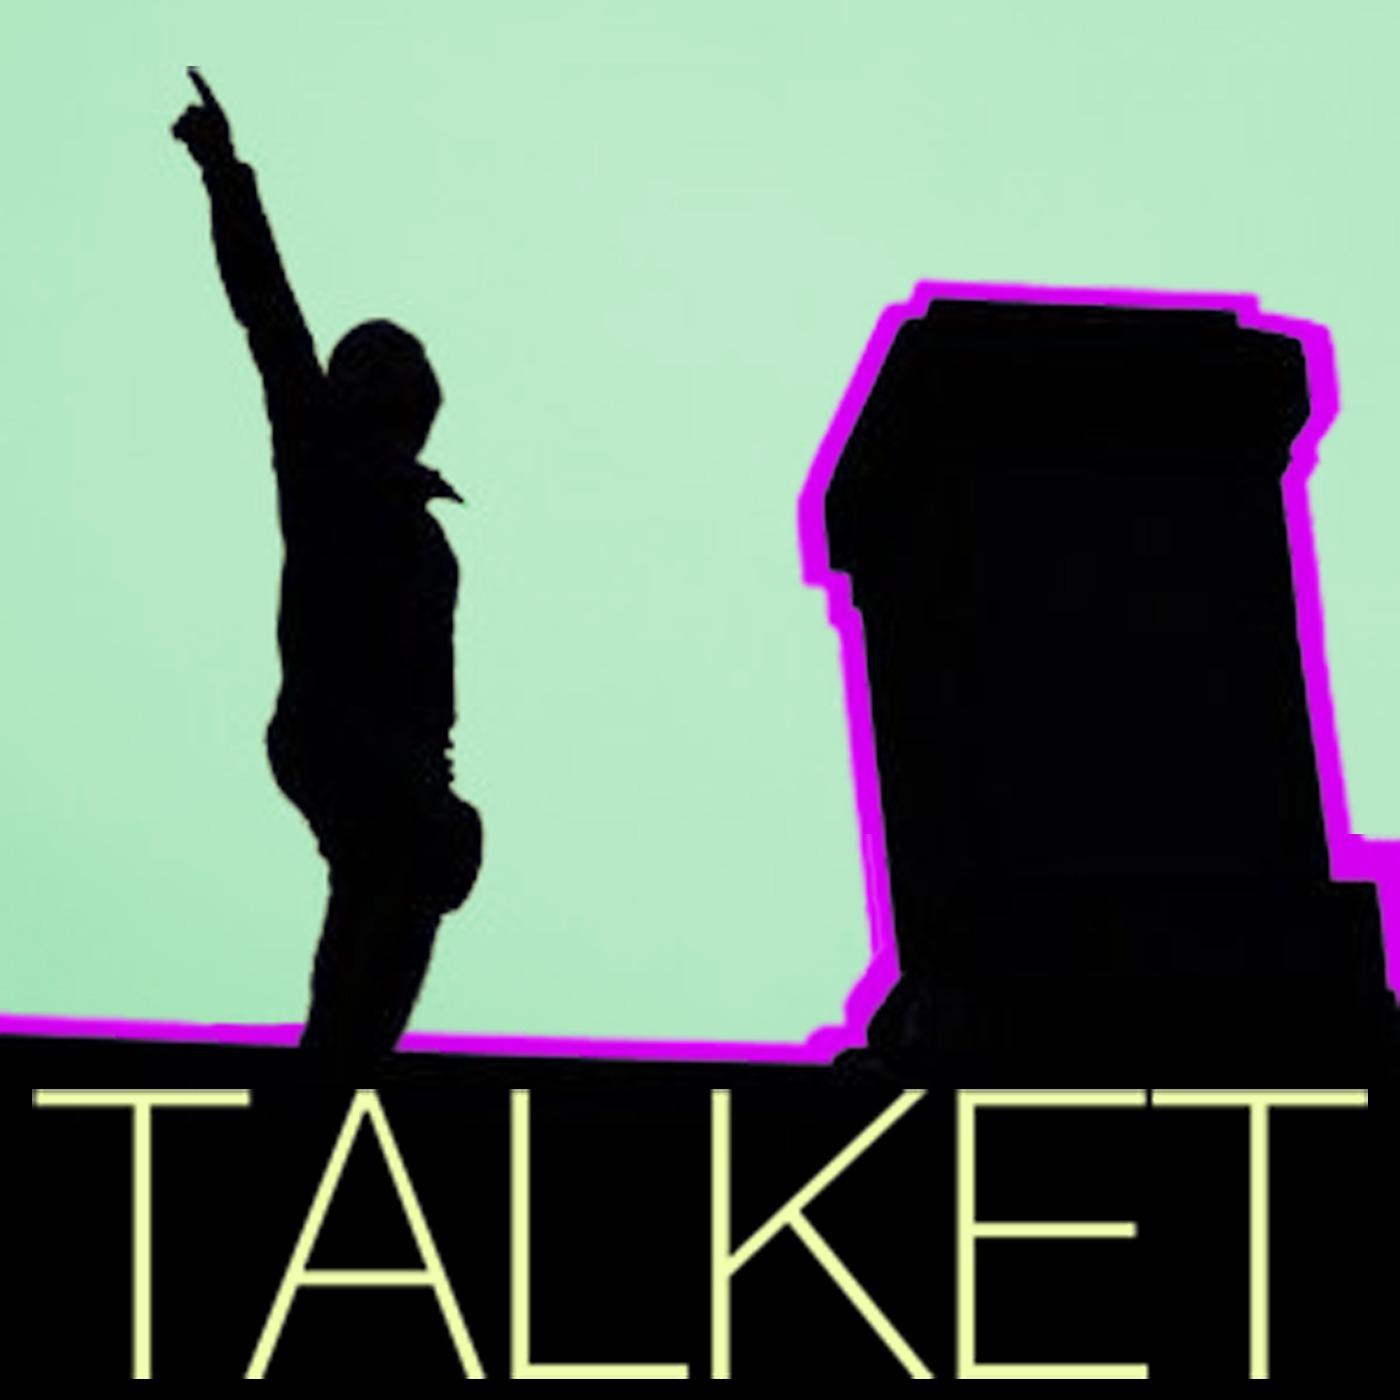 Talket